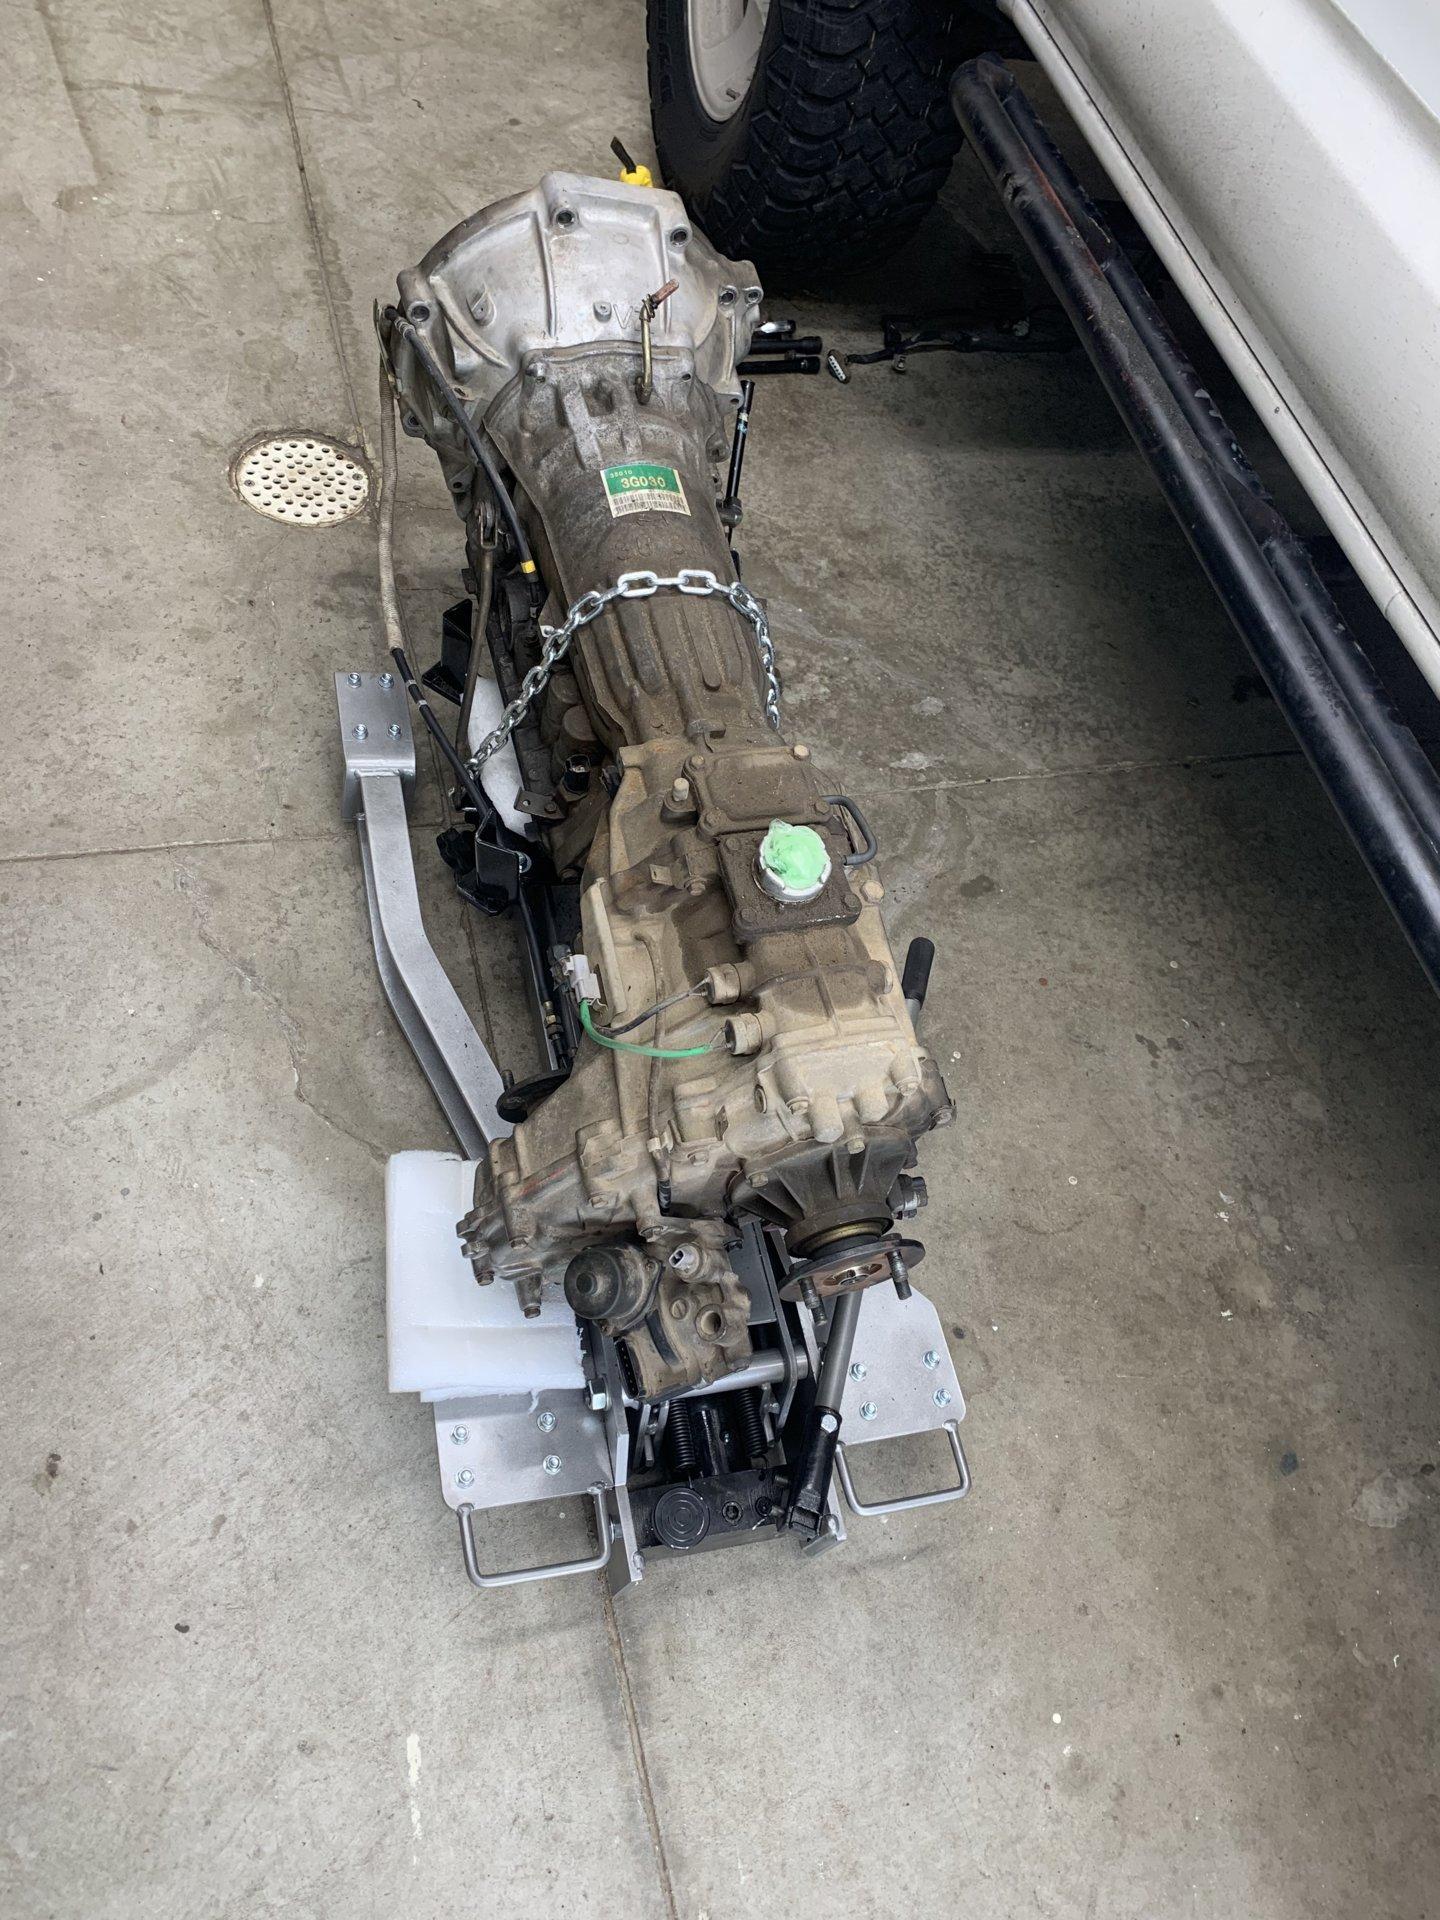 7DF811BA-12E2-4036-8D5E-113147932BC0.jpeg